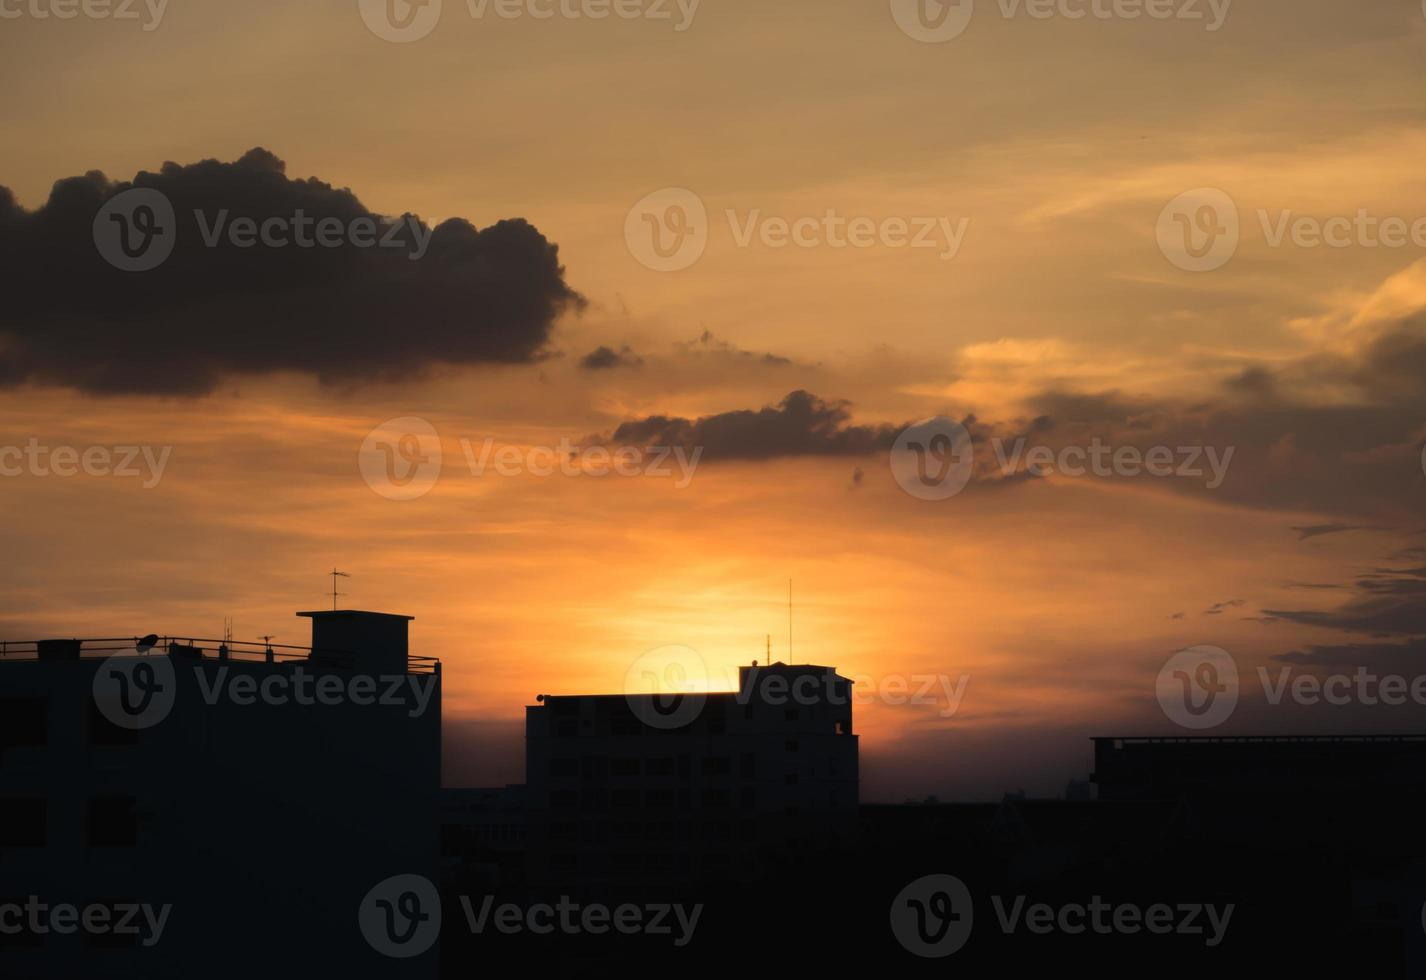 paisaje urbano de silueta en puesta de sol foto